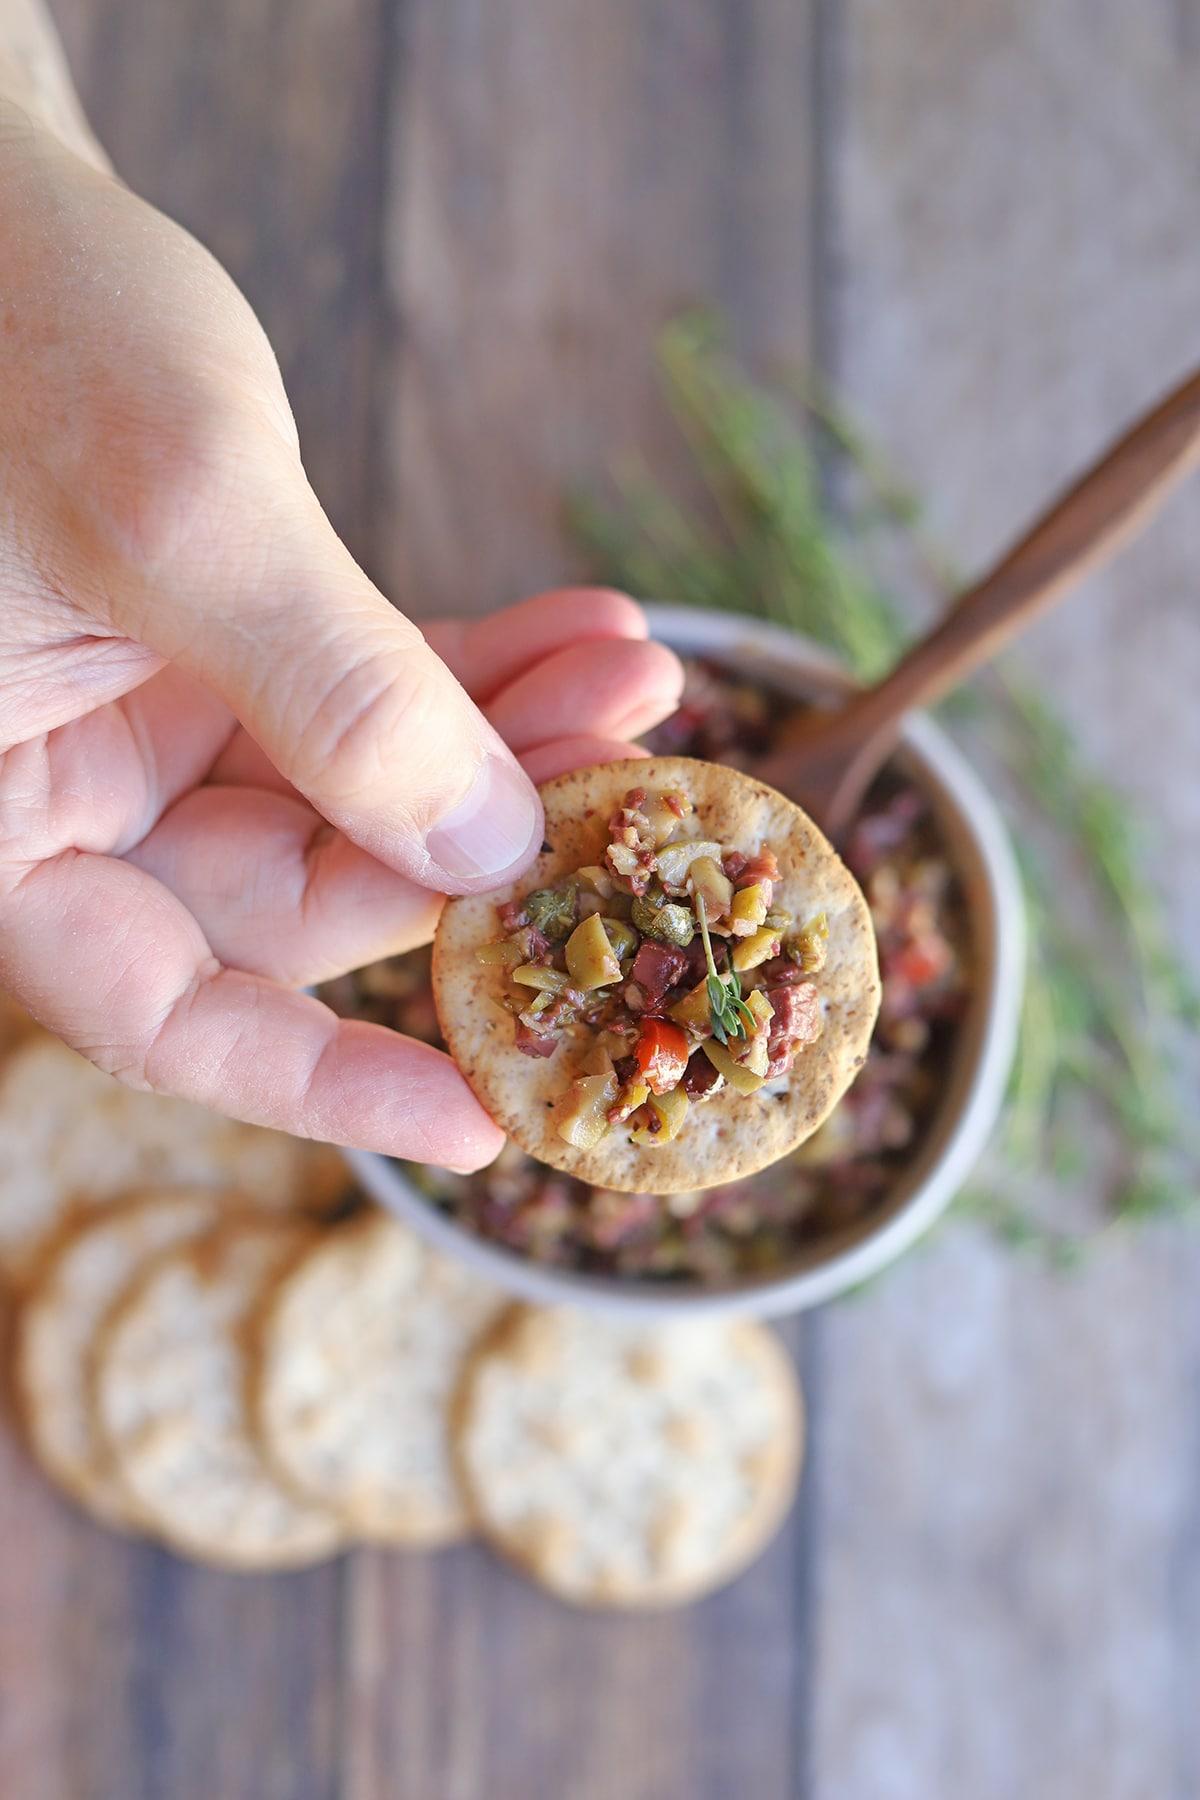 Tapenade on cracker over bowl.